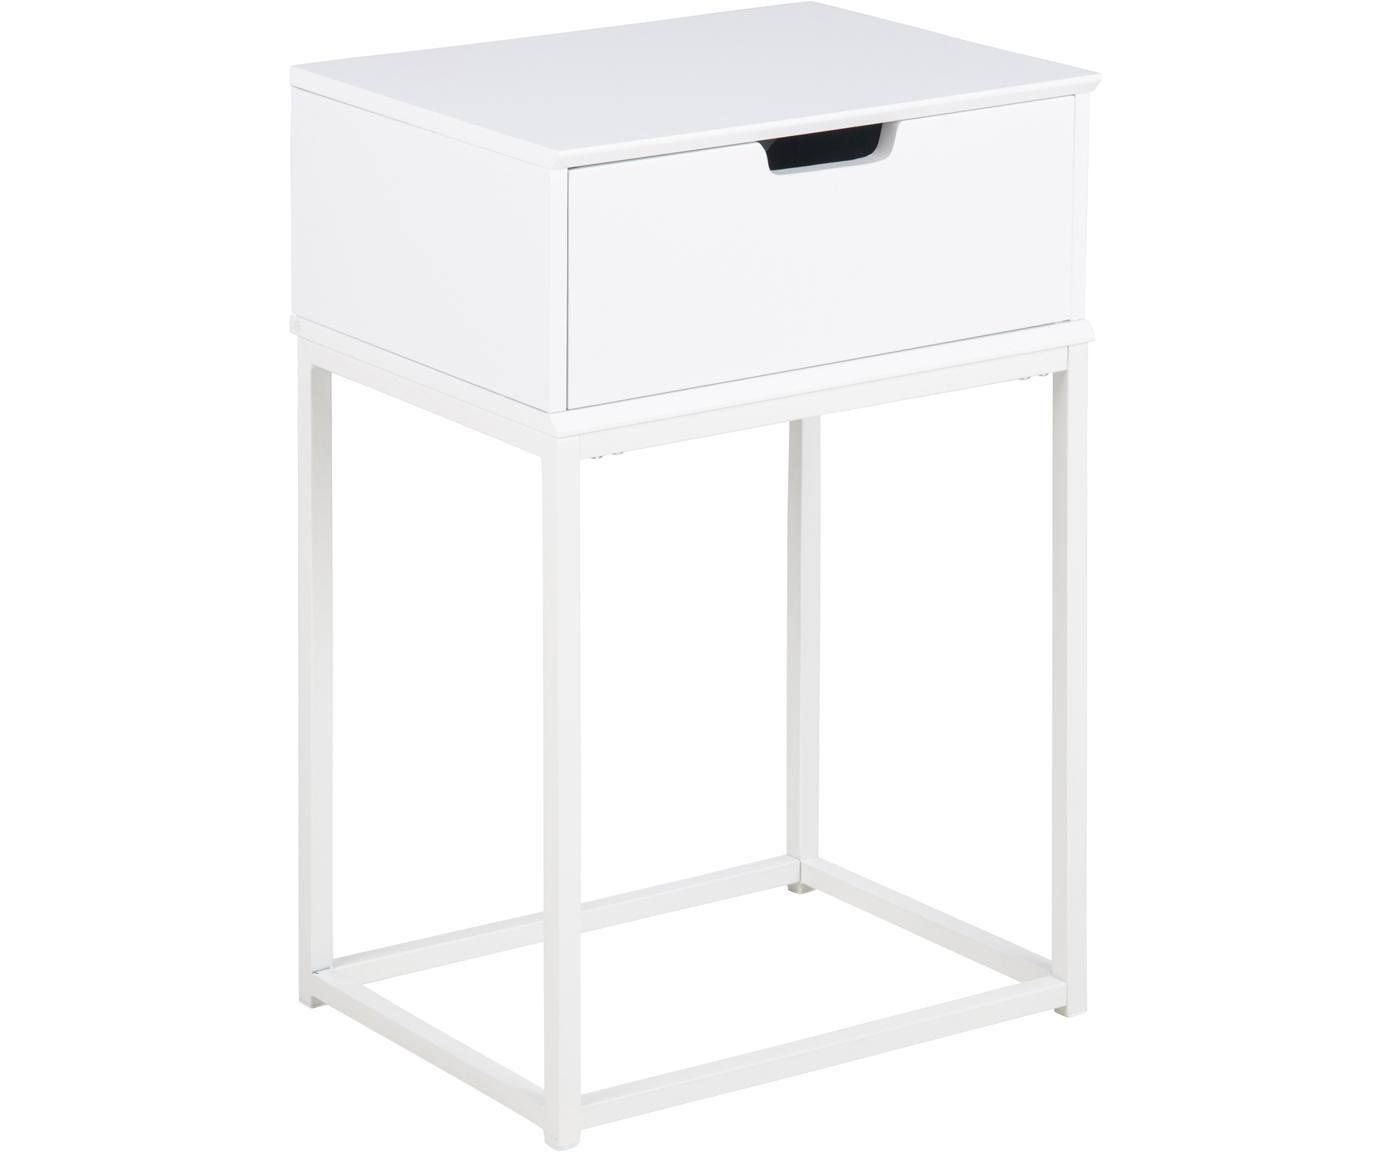 Nachttisch Mitra mit Schublade, Mitteldichte Holzfaserplatte (MDF), lackiert, Metall, pulverbeschichtet, Weiss, 40 x 62 cm